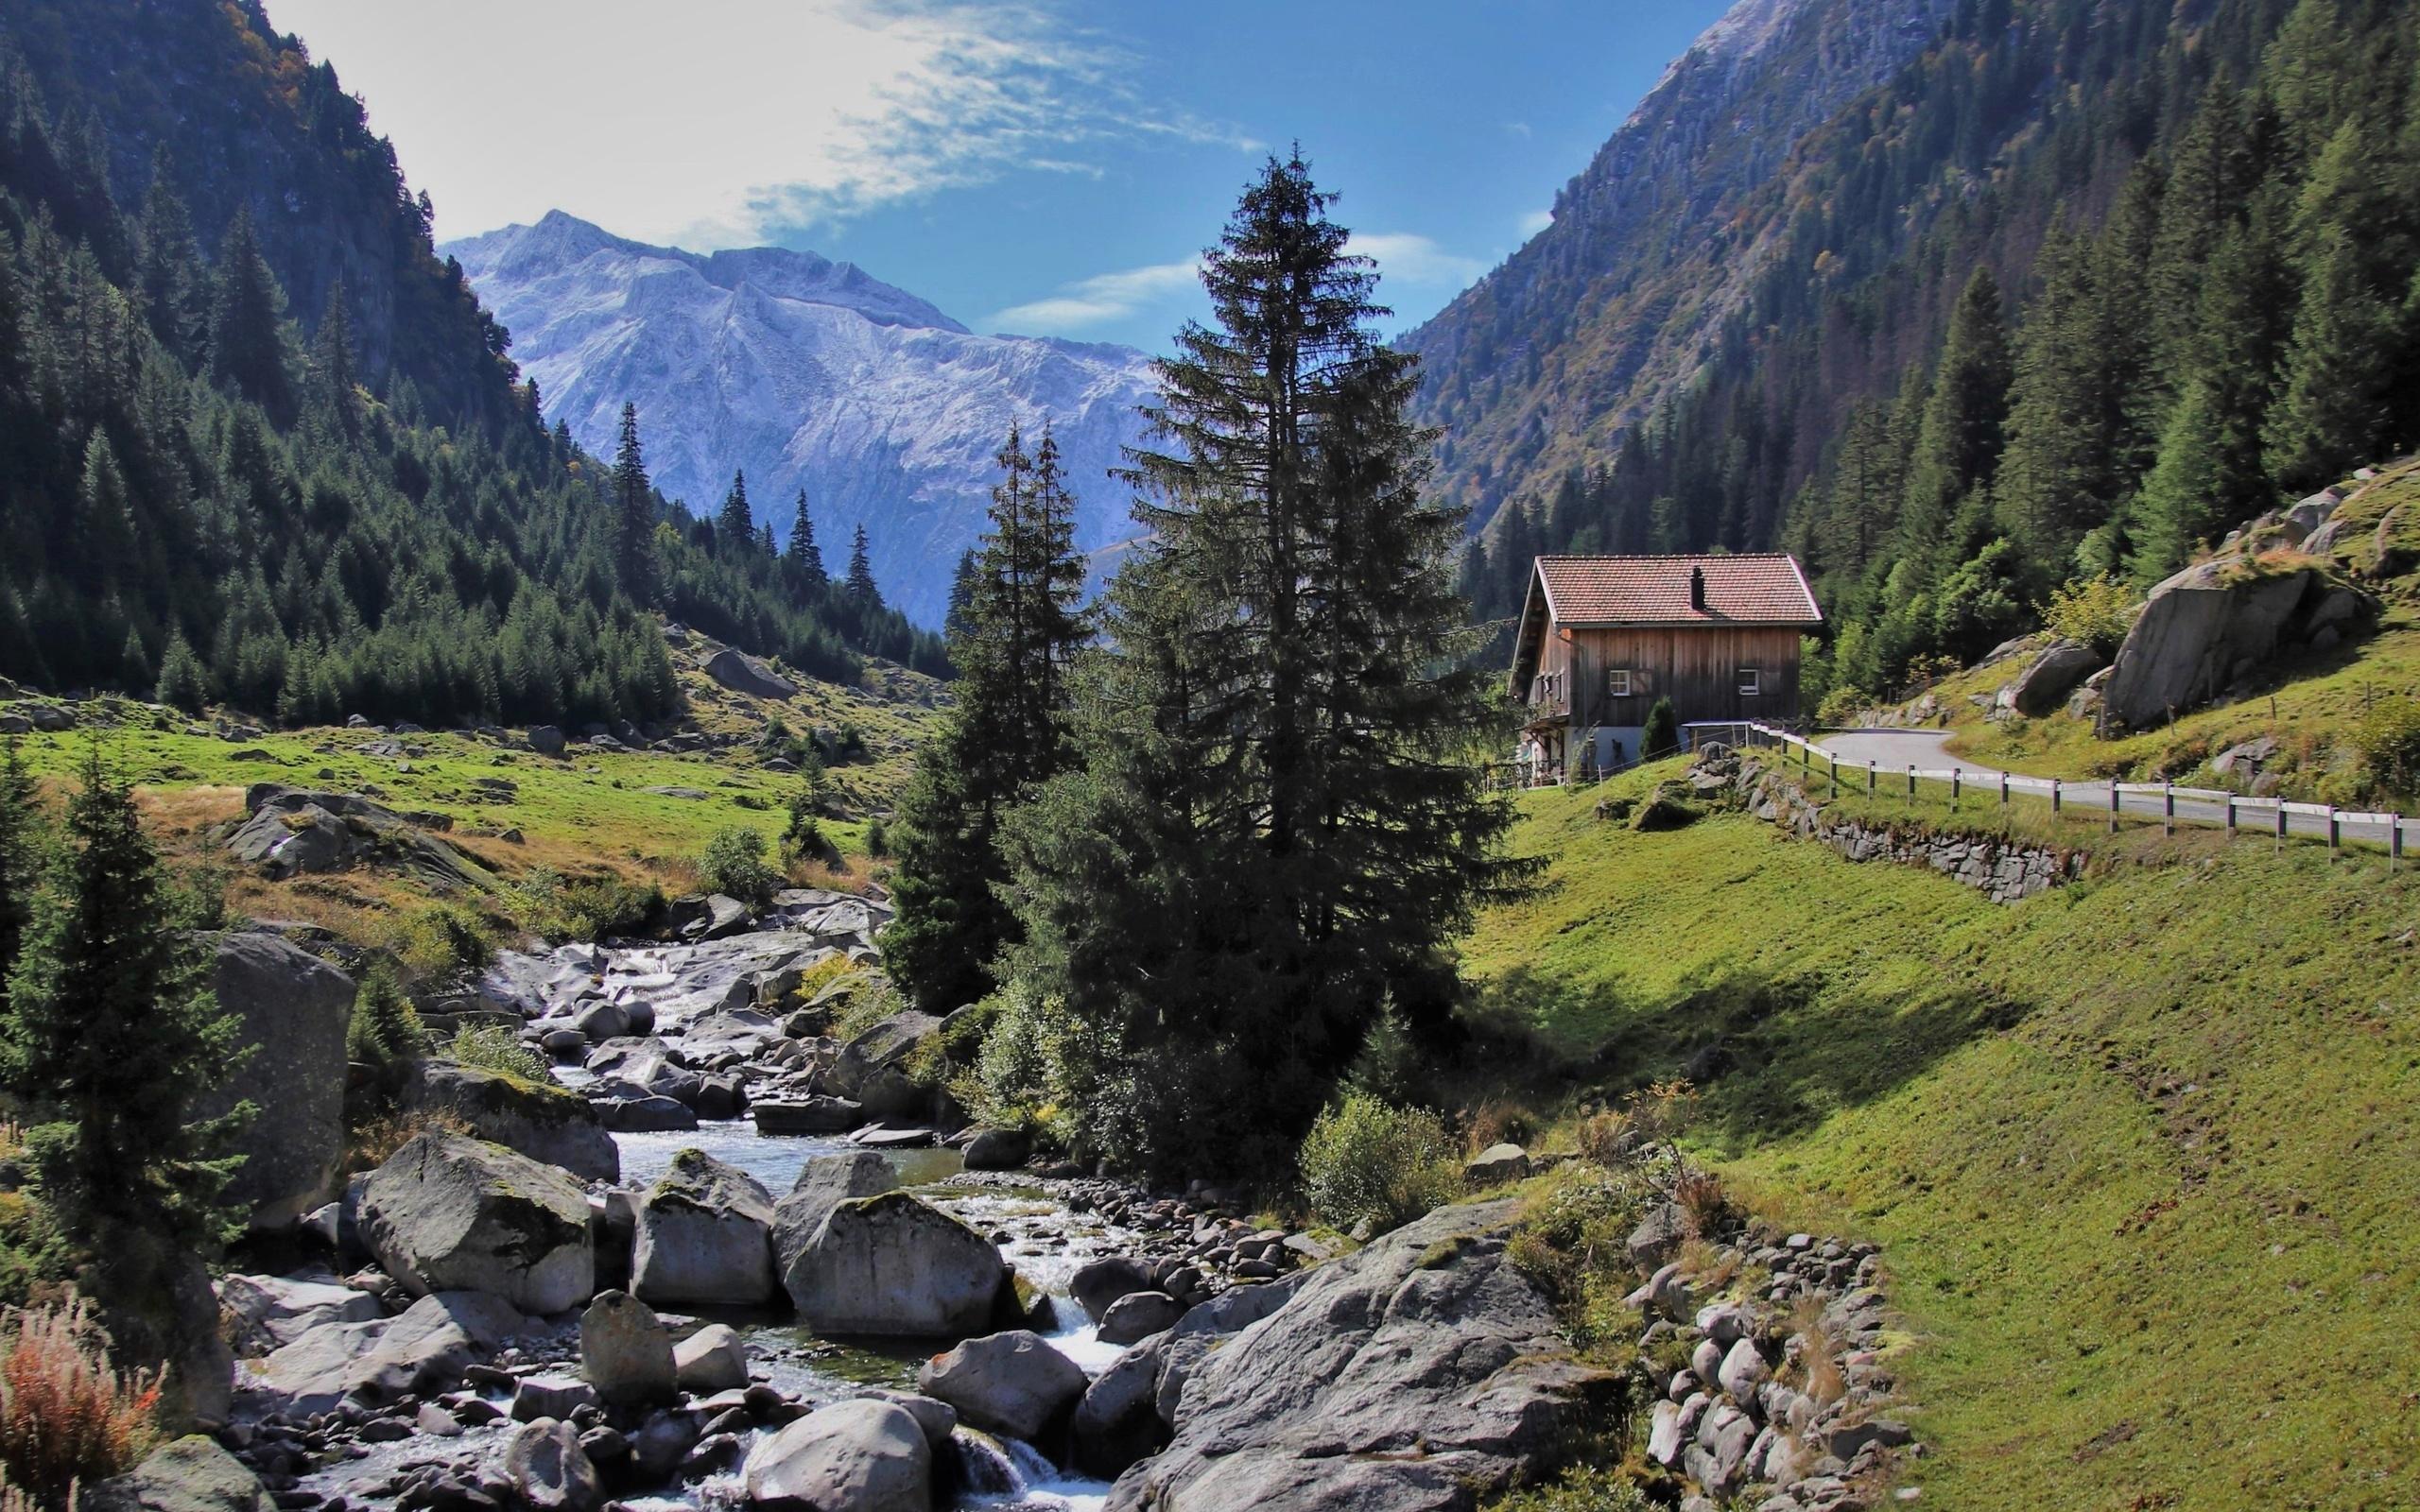 домик, горы, деревья, камни